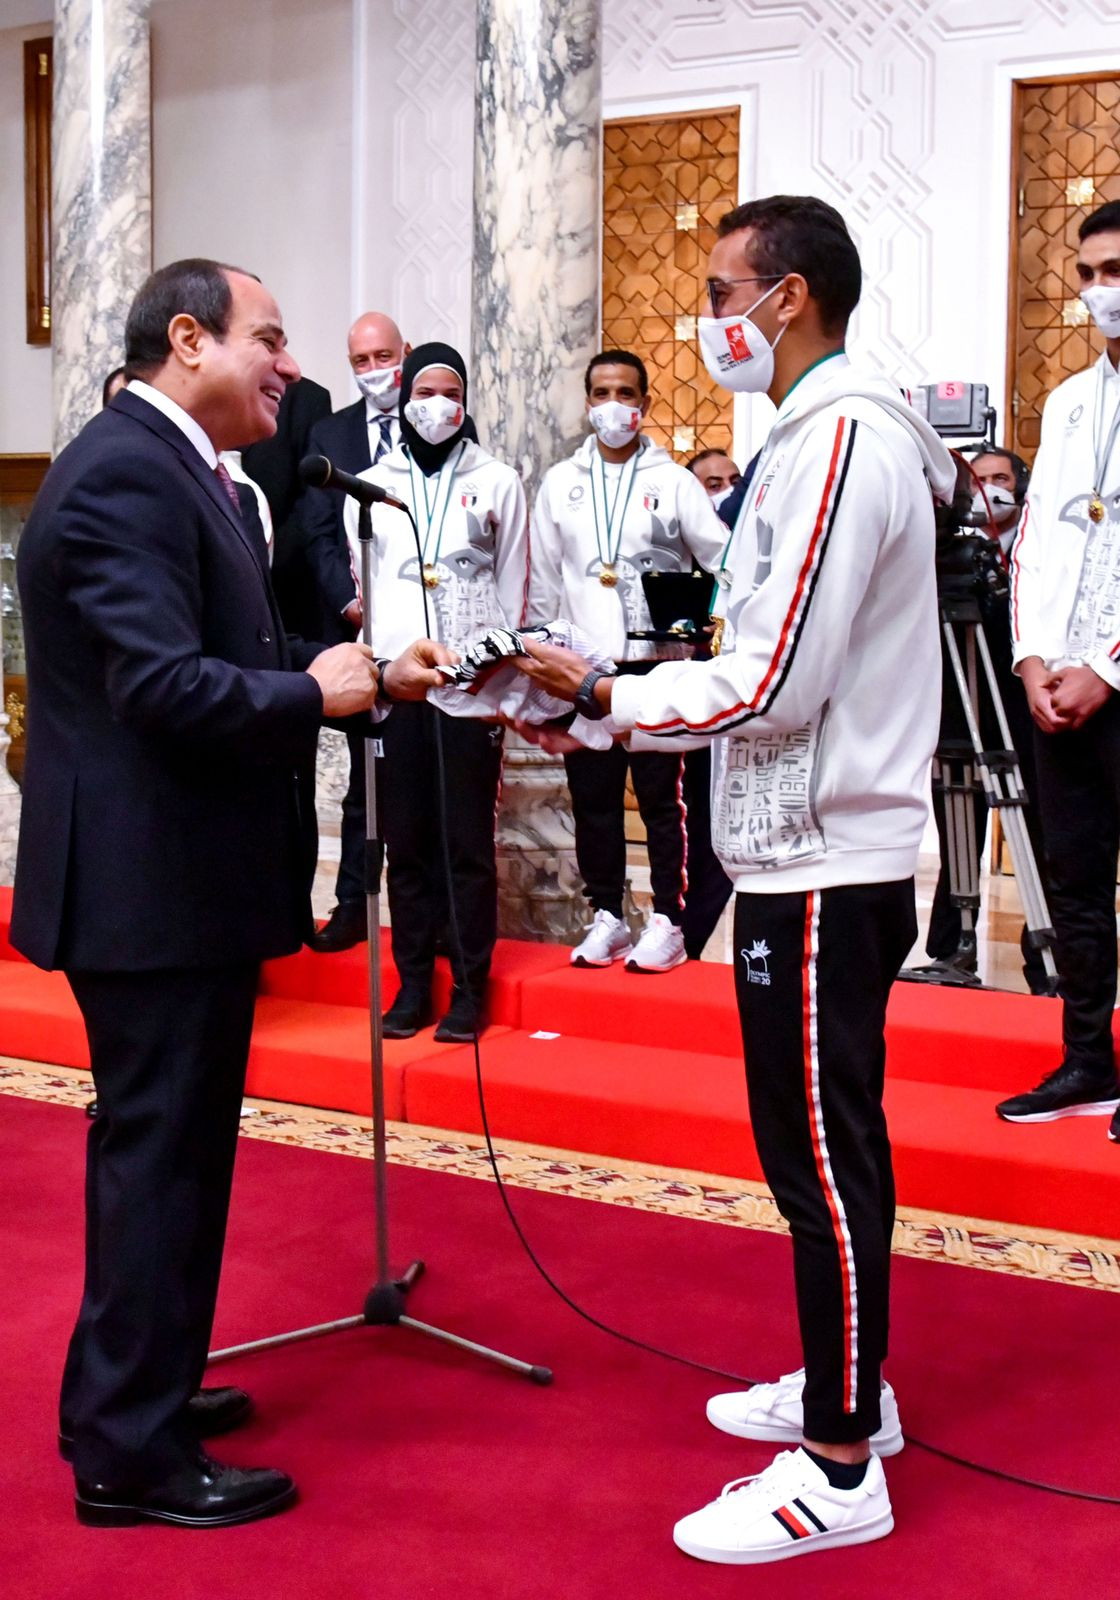 السيسي لأبطال أولمبياد طوكيو : قدوة للشباب في التفوق وقوة العزيمة